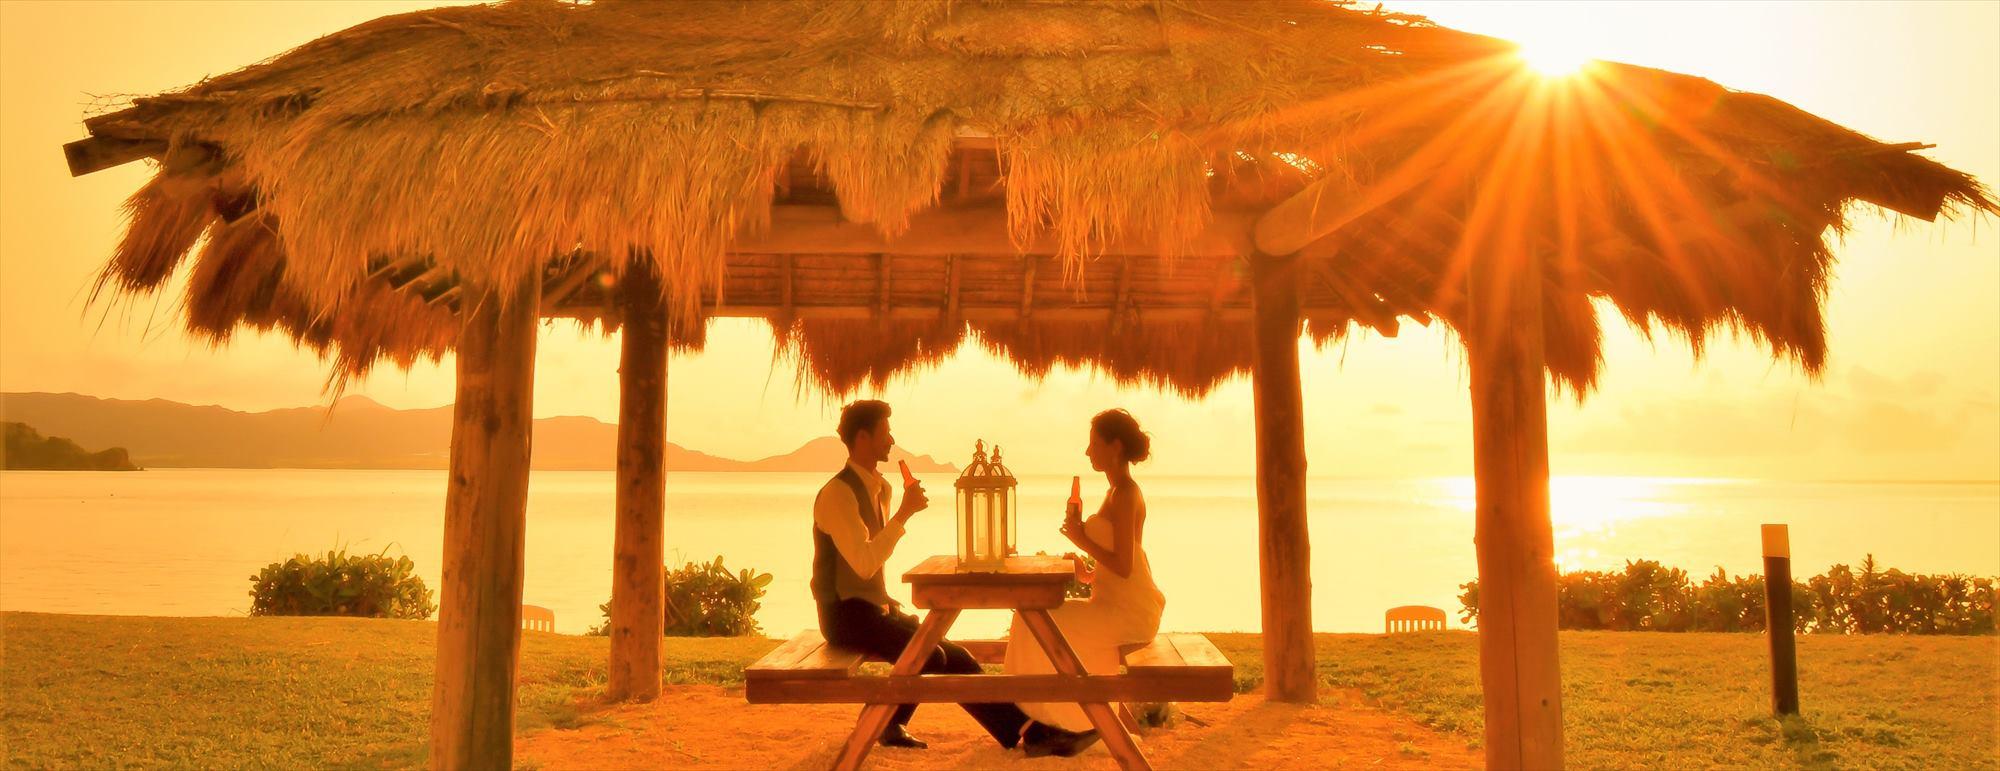 沖縄石垣島 サンセットディナー Ishigaki Island Okinawa Ishigaki Seaside Hotel Dinner 石垣リゾートホテル挙式後撮影